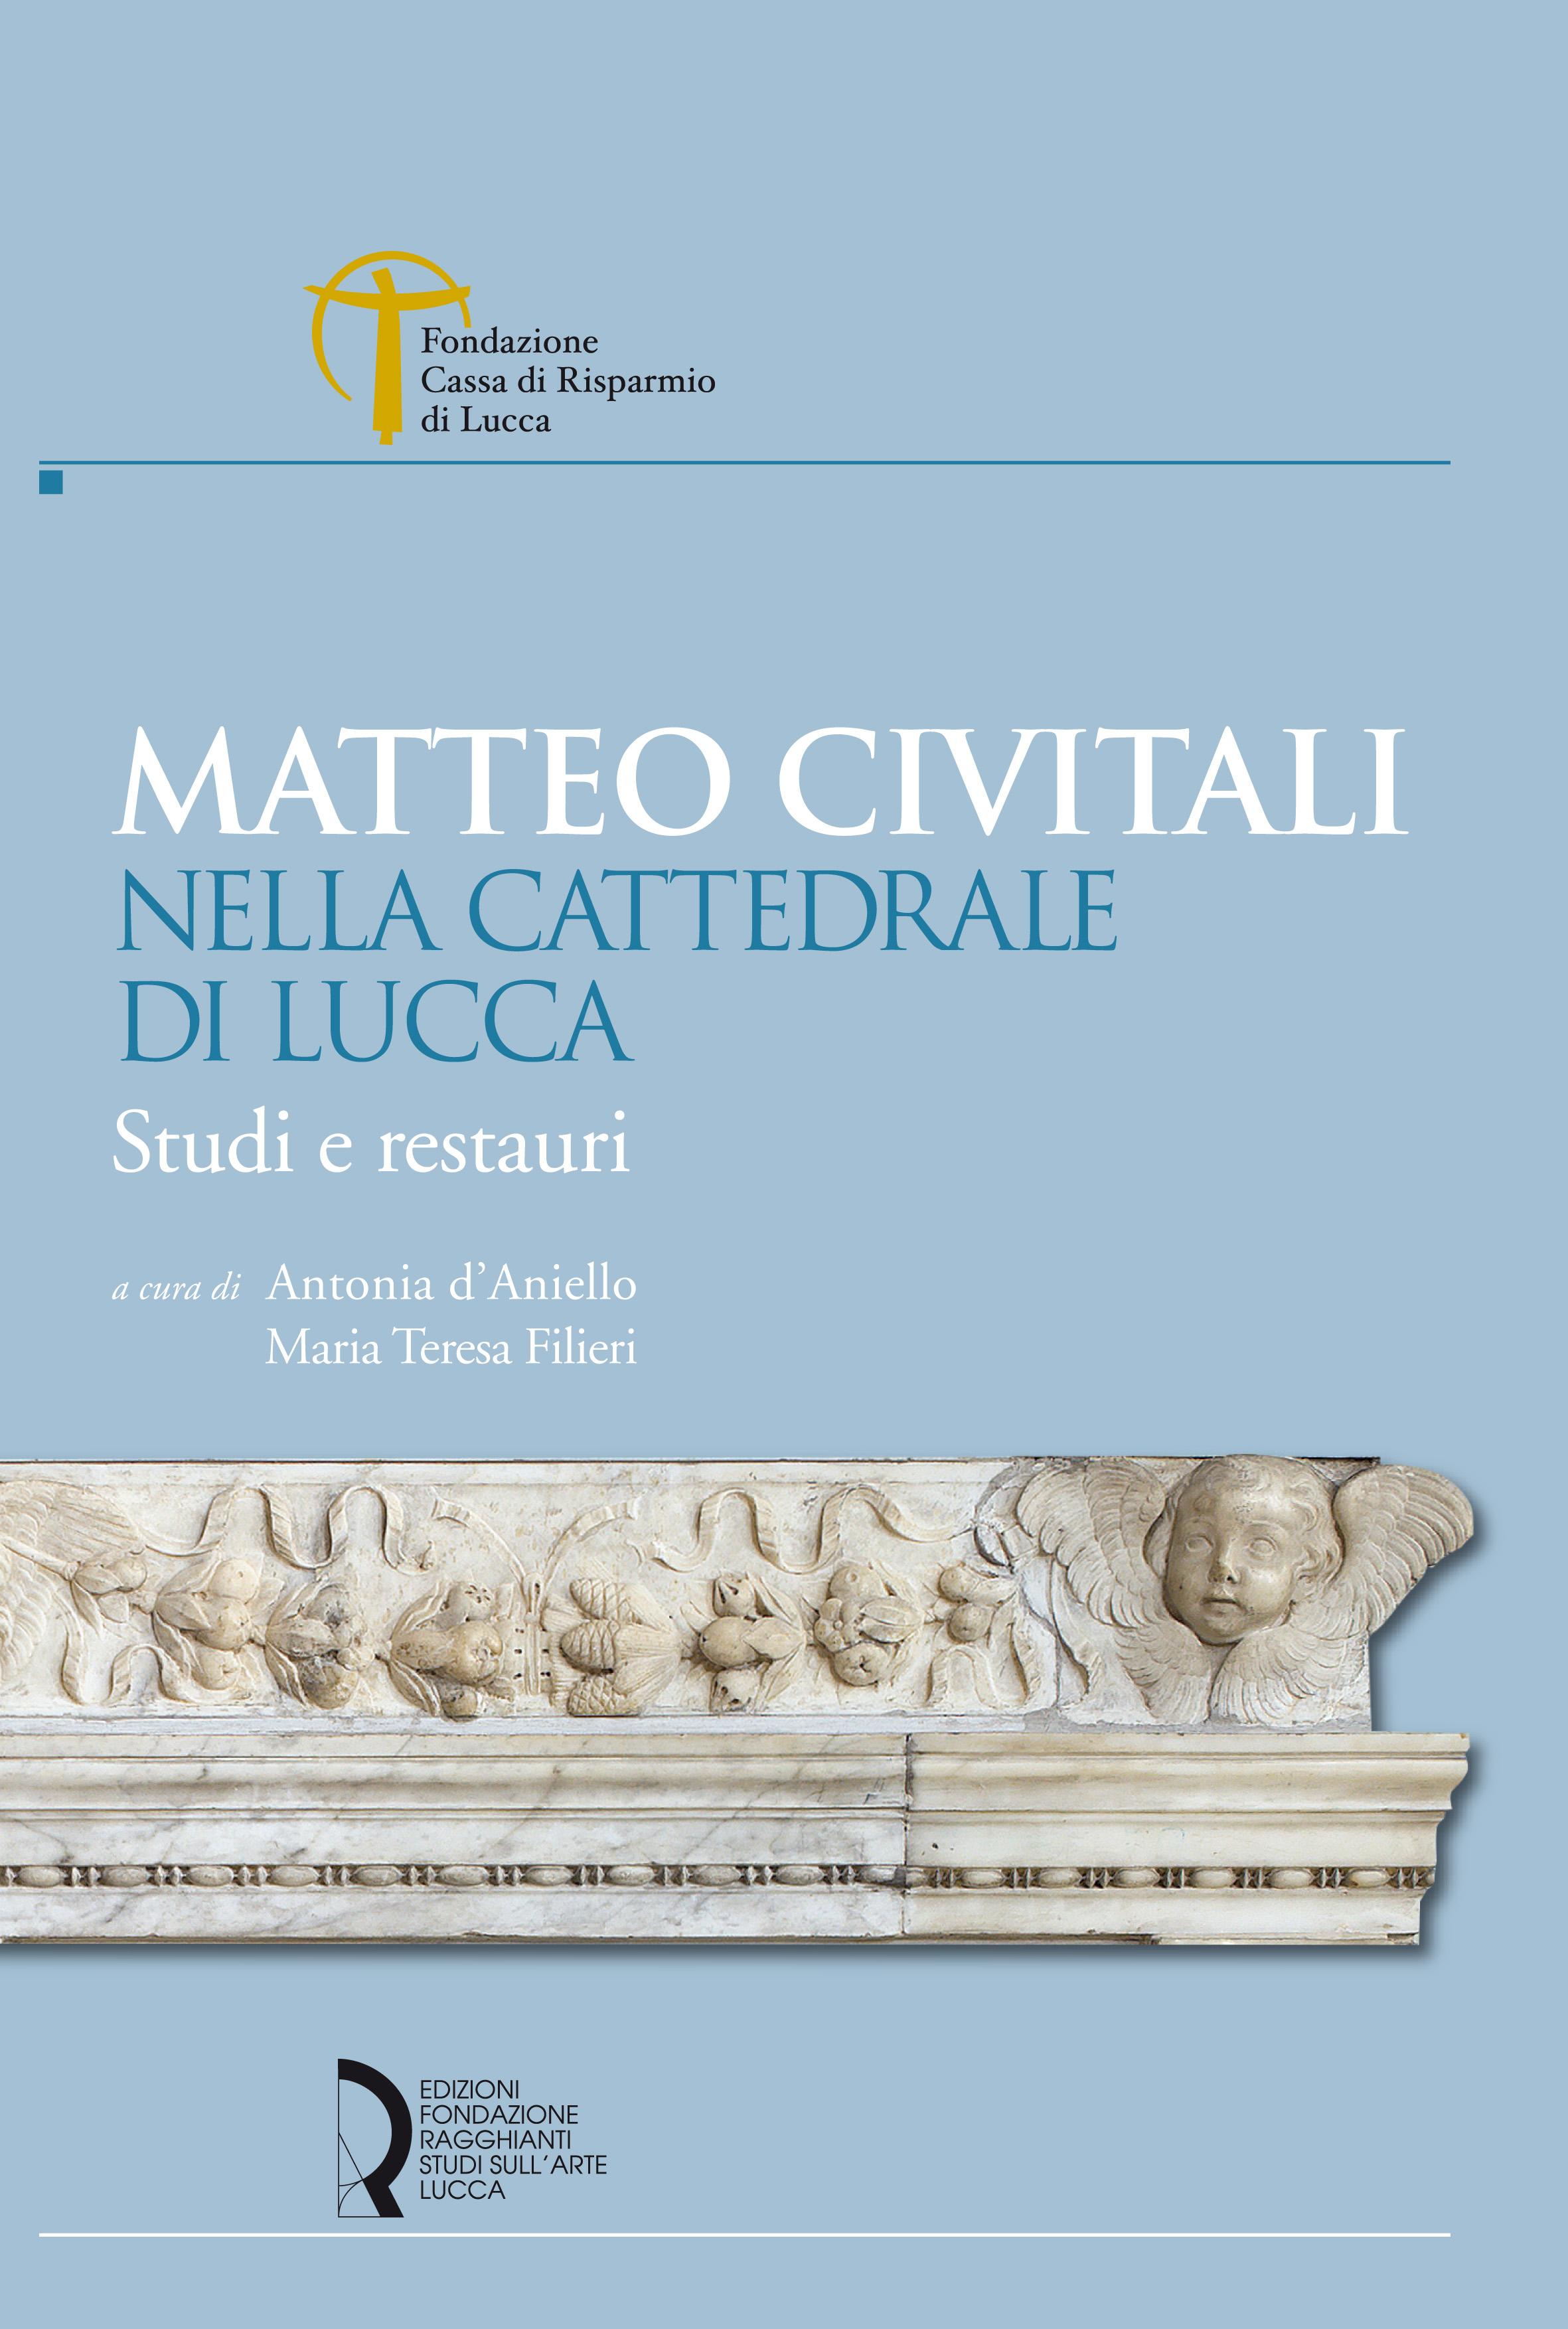 Matteo Civitali nella Cattedrale di Lucca